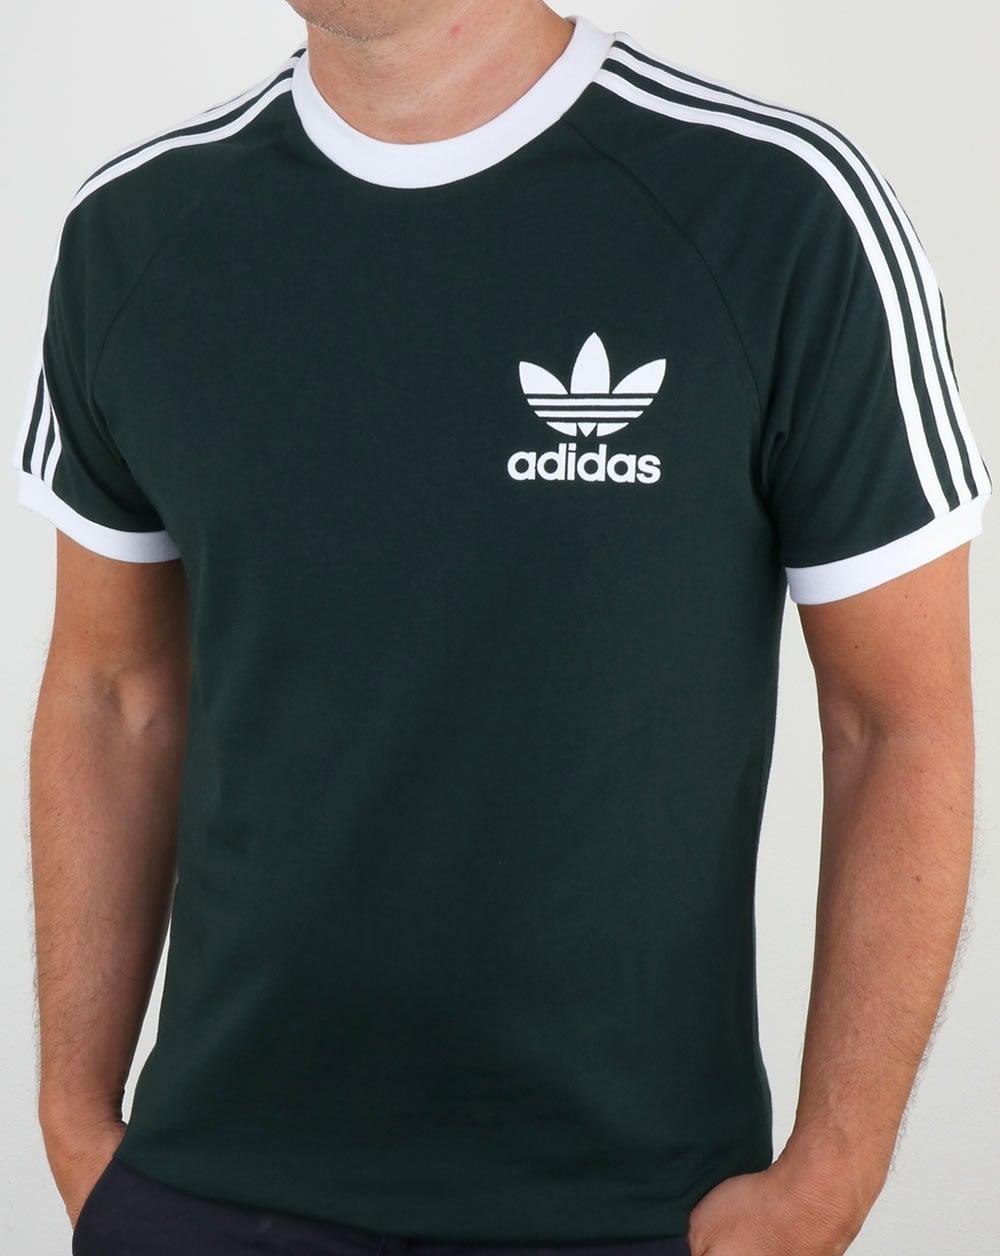 fea2254f07 Adidas Originals CLFN T Shirt Green Night,3 stripes,originals,mens,tee